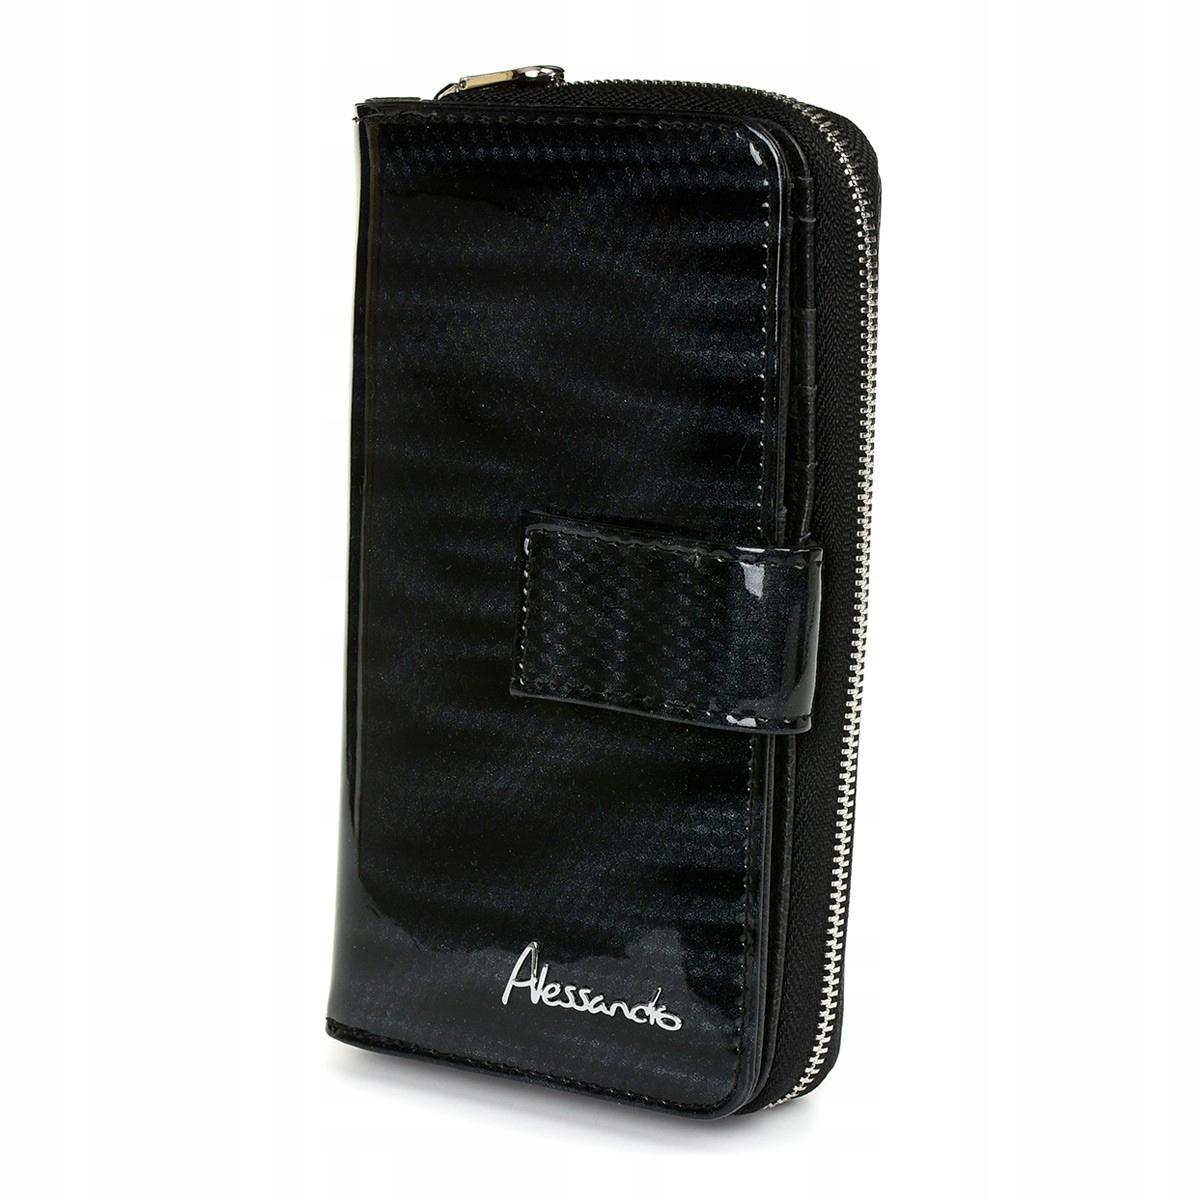 Alessandro Paoli Z19 Dámska kožená peňaženka RFID čierna